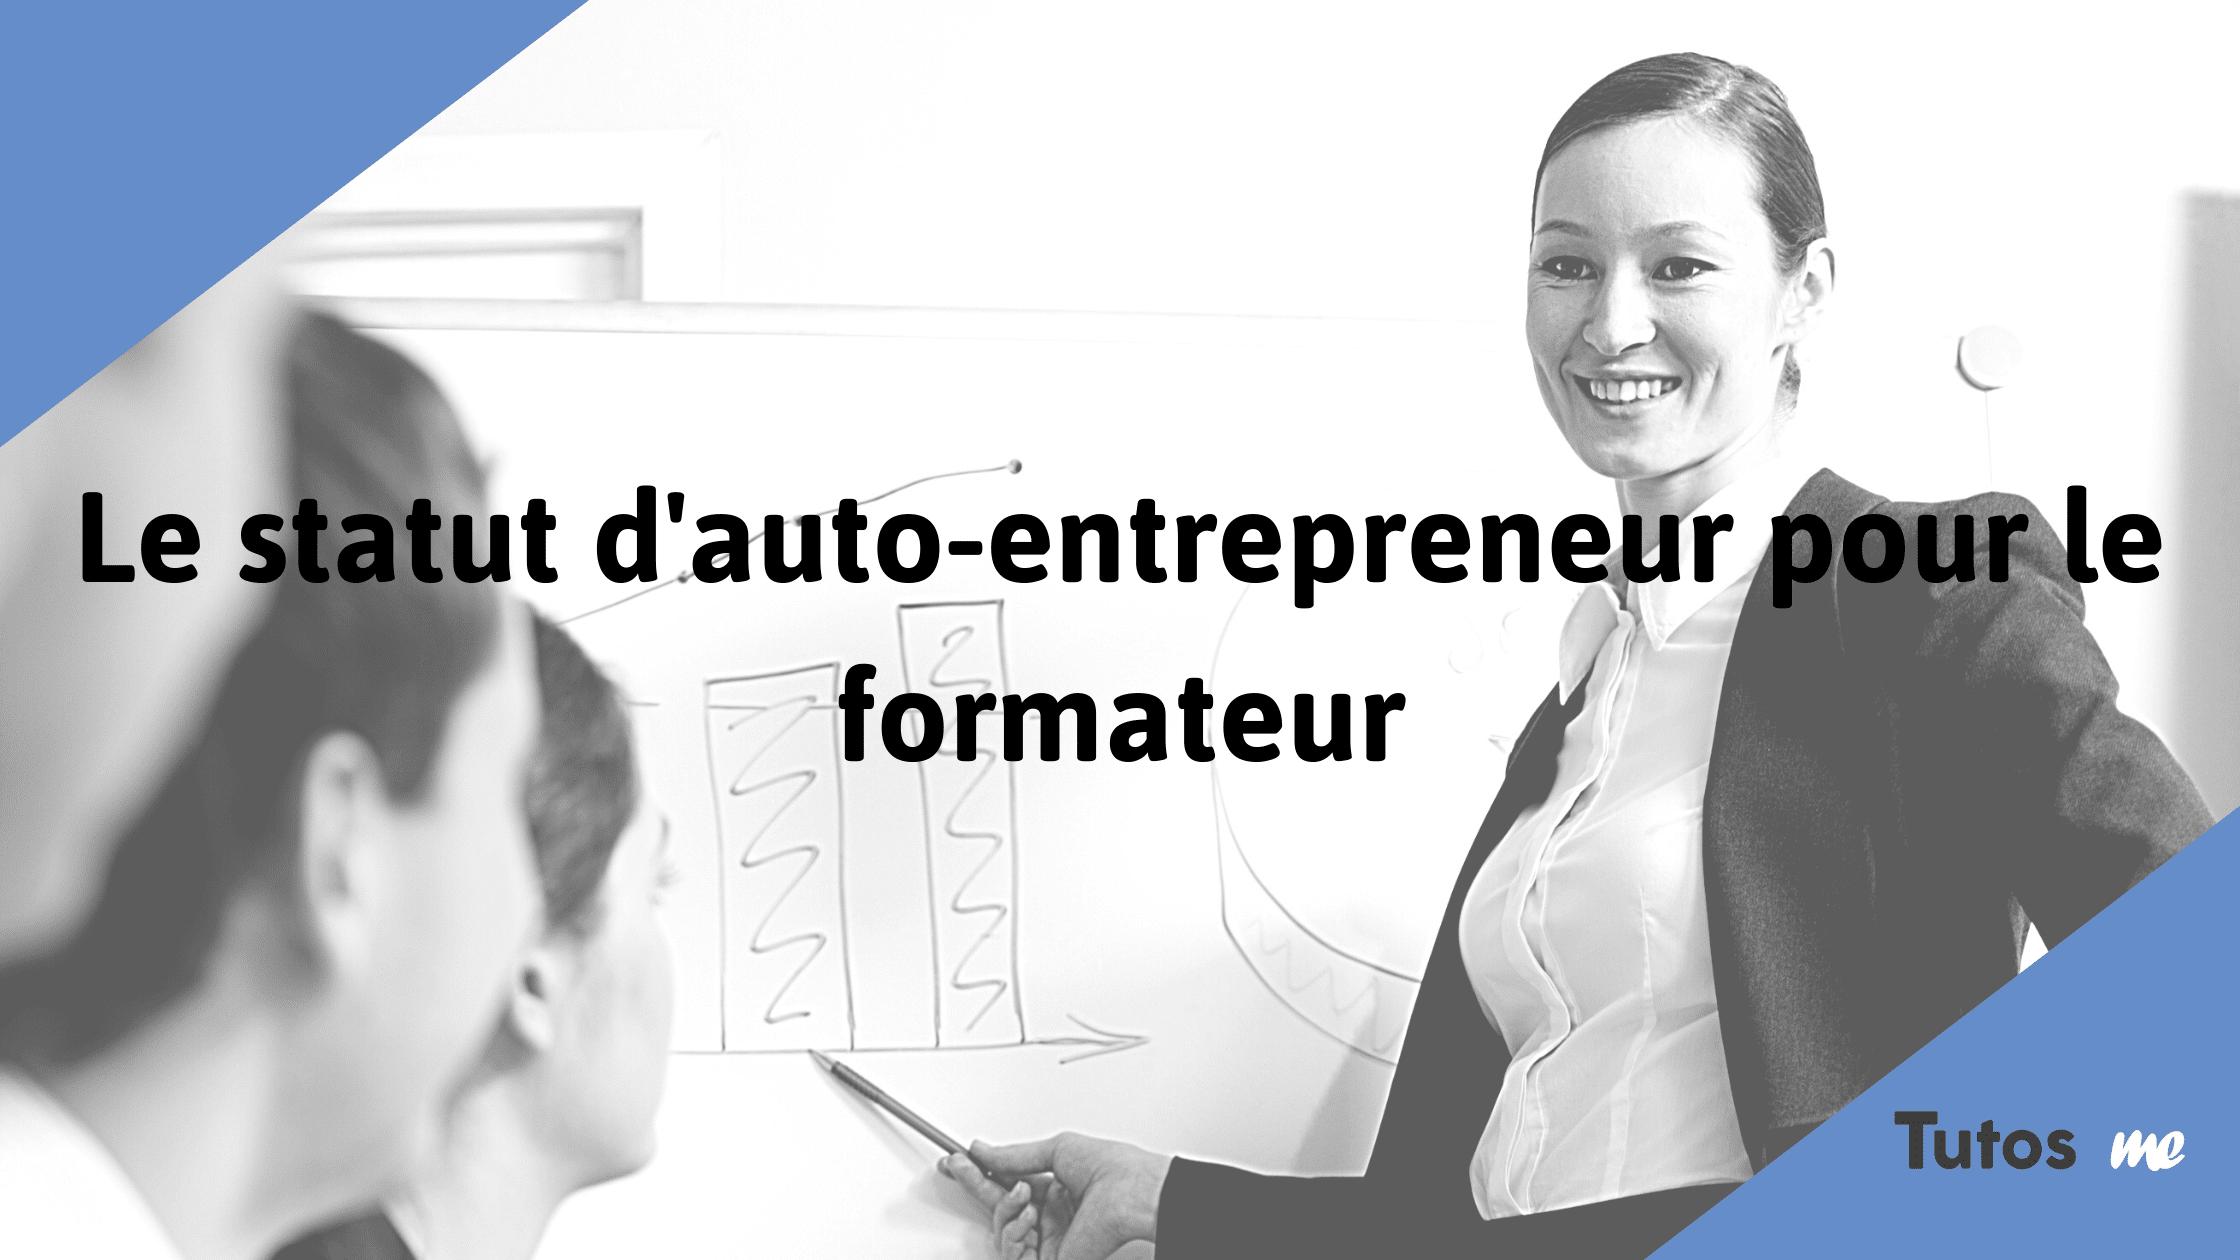 Le statut de formateur auto-entrepreneur